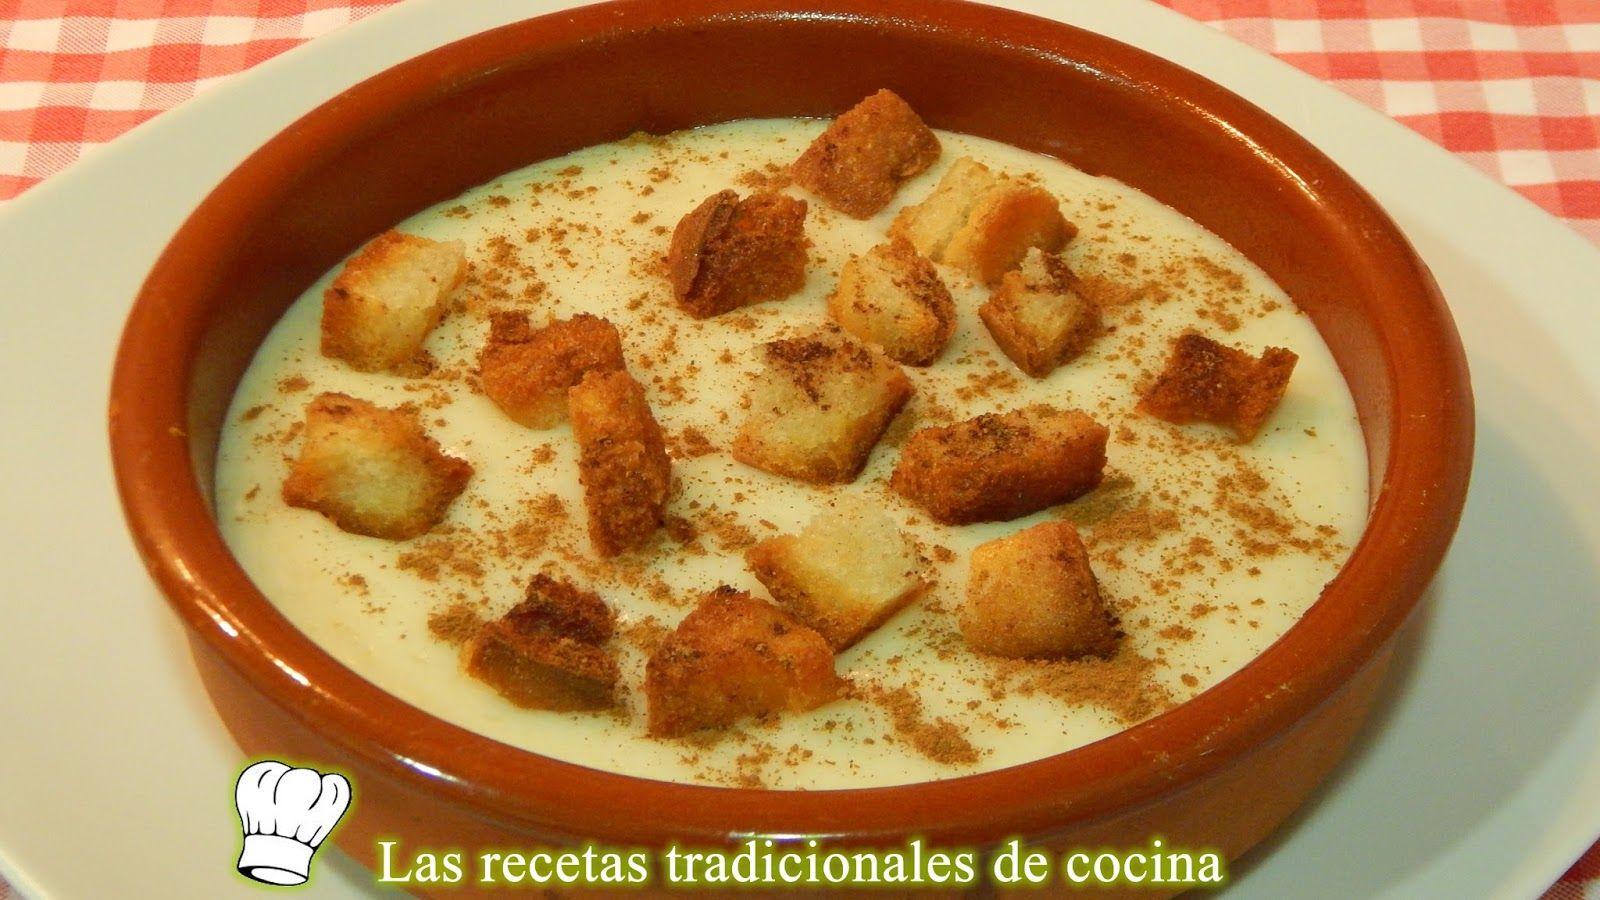 e46a767ec150f2c16a1da013a41b7541 - Cocina Y Recetas